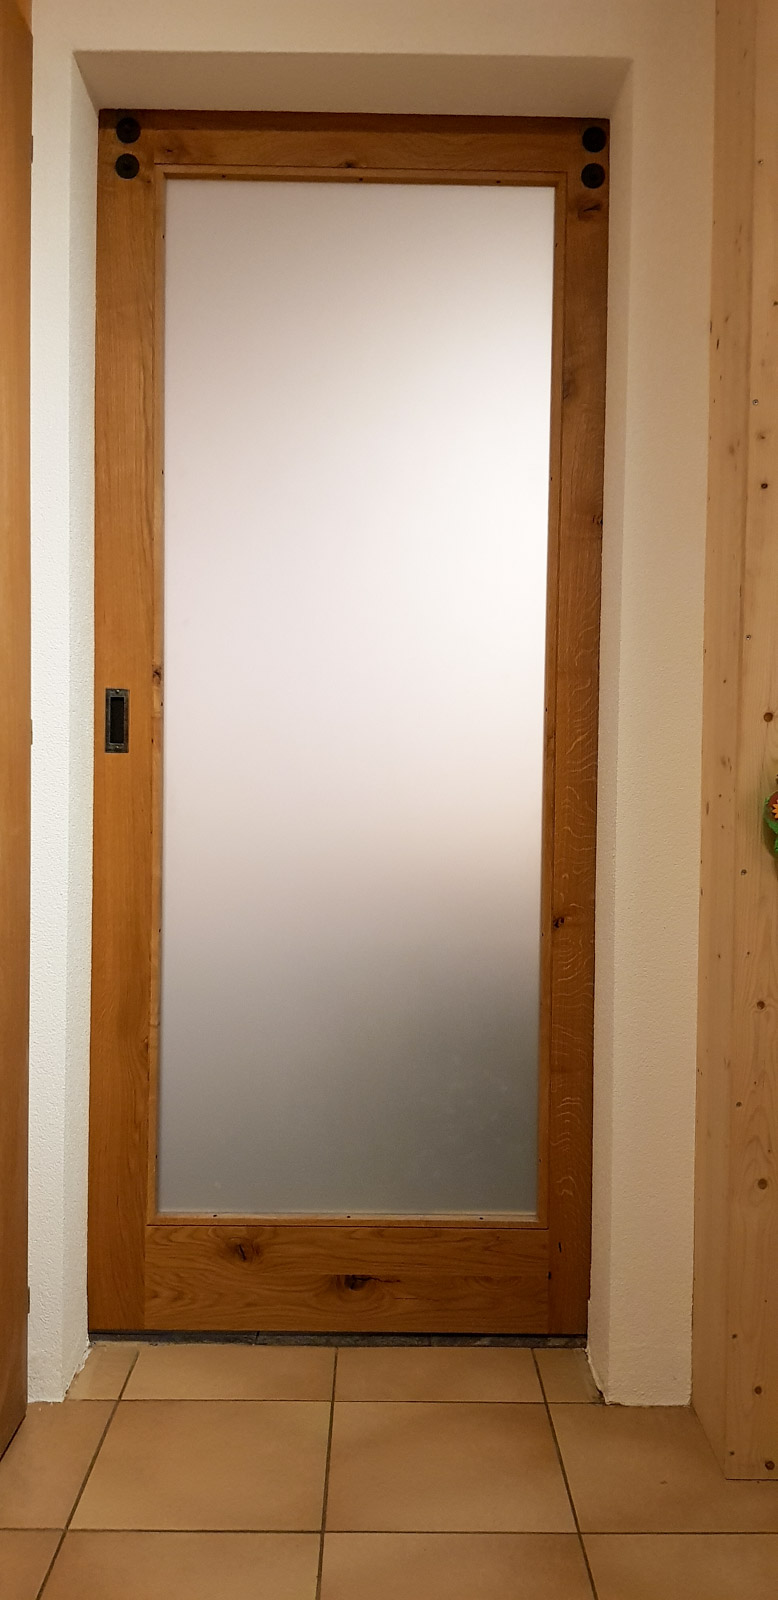 Wooddesign_Raumtrenner_Schiebetüren_.rustikal_Schiebetürbeschlag_schwarz_Schwarzstahl_Muschelgriffe (8)